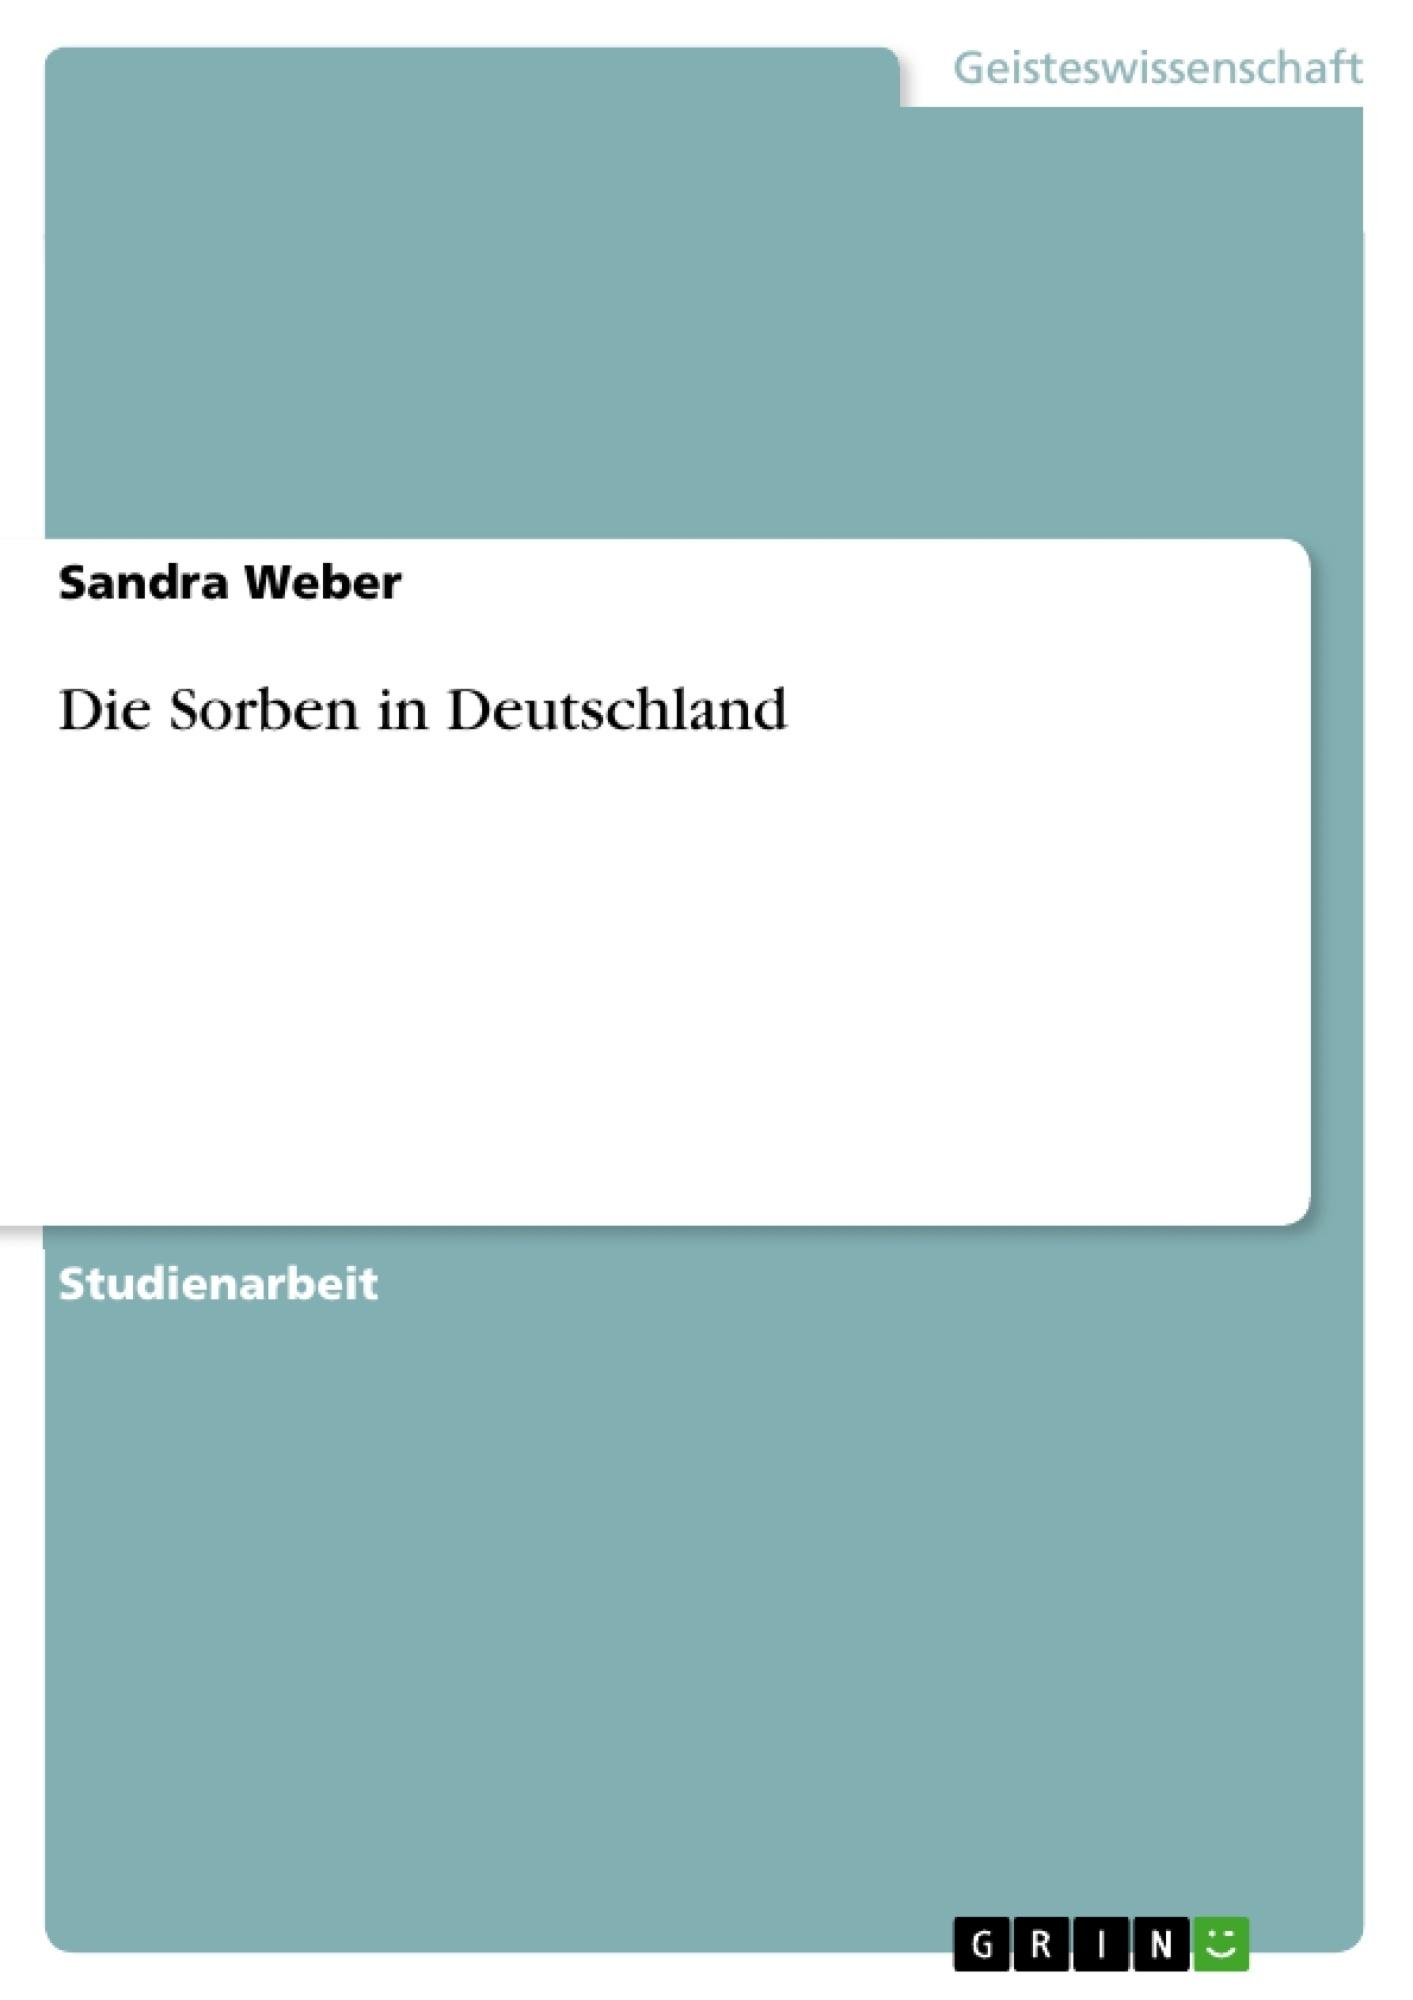 Titel: Die Sorben in Deutschland